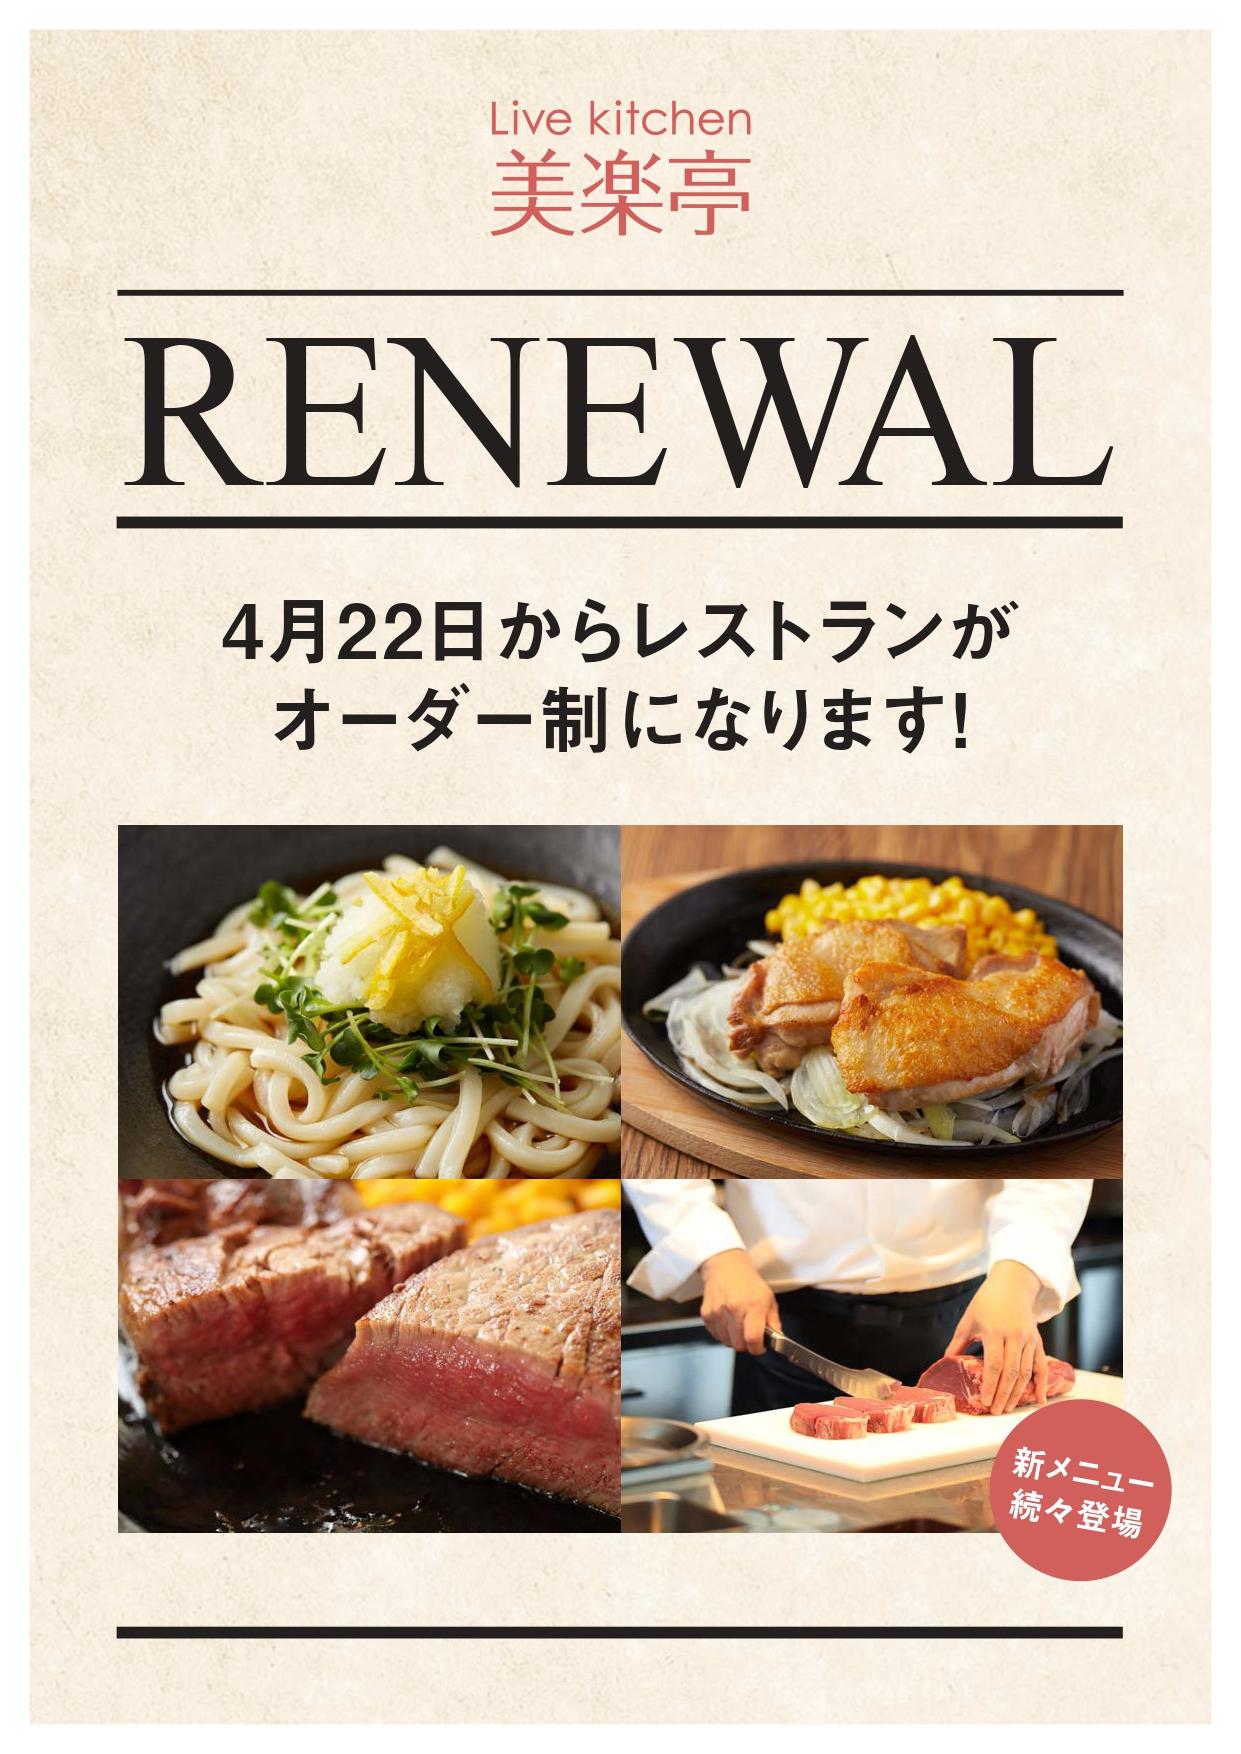 4月22日からレストランの内容が変更になります